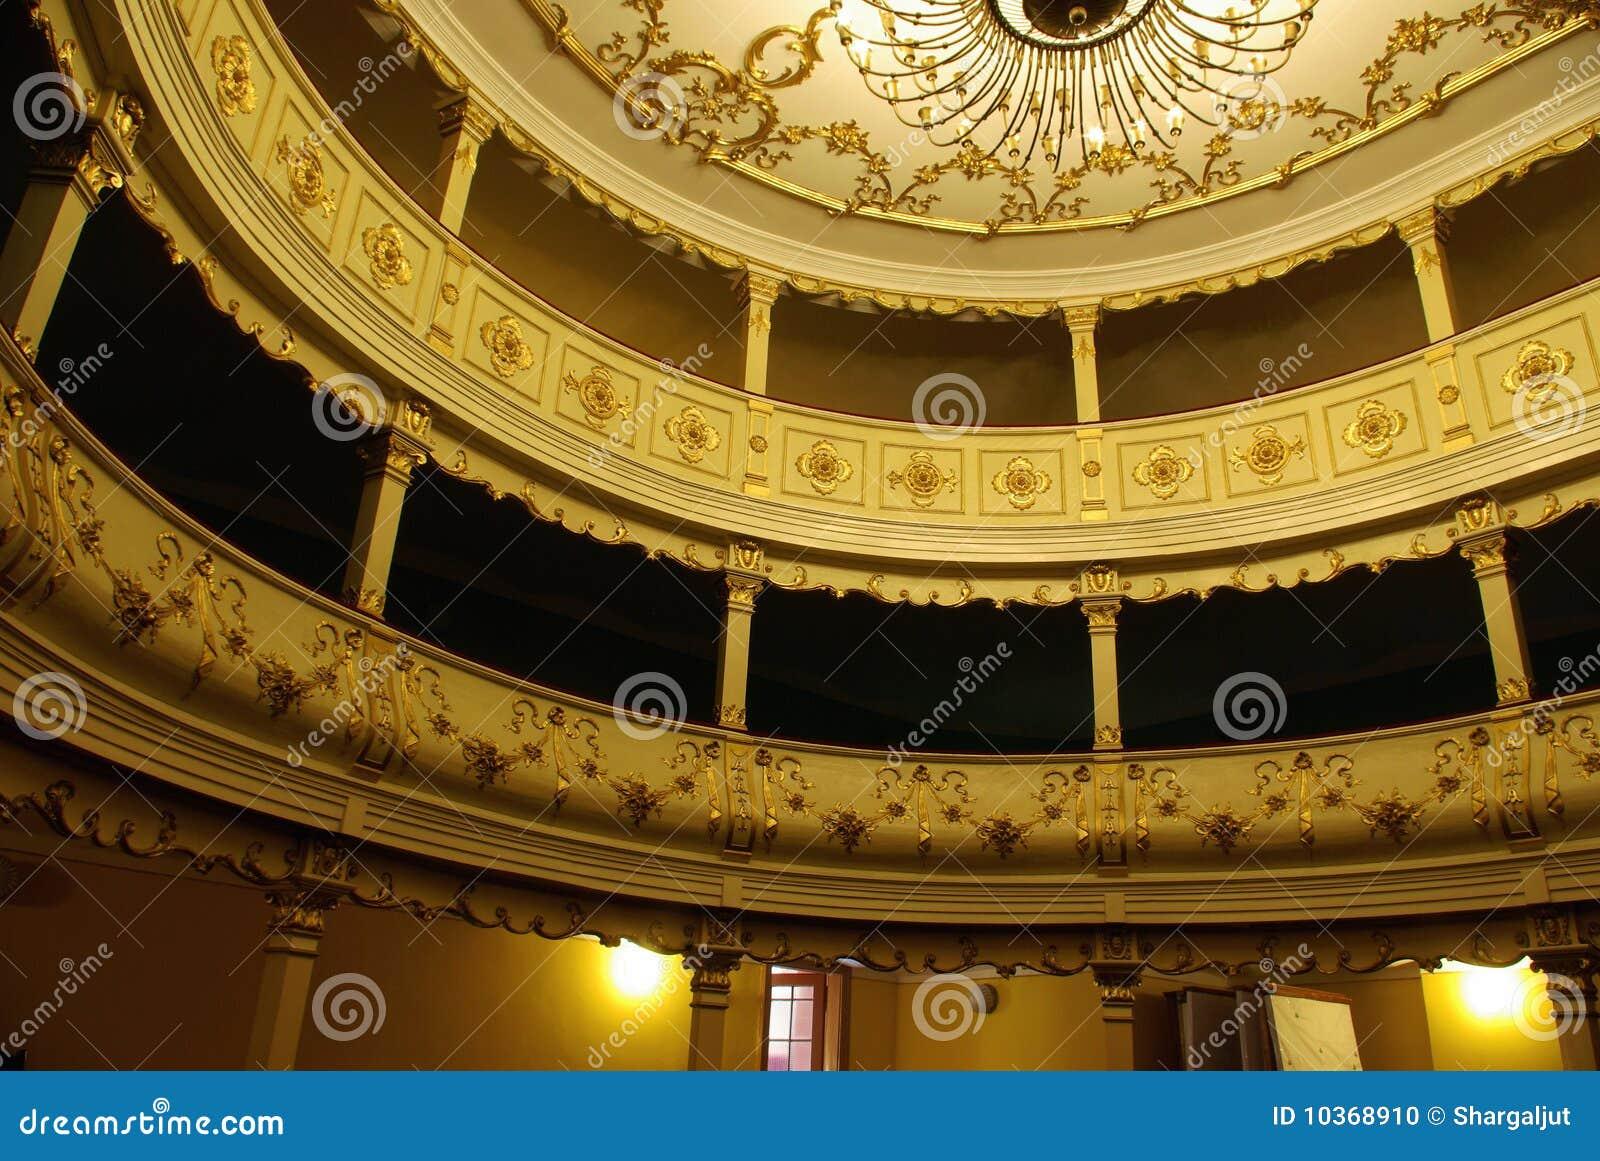 Teatro romeno